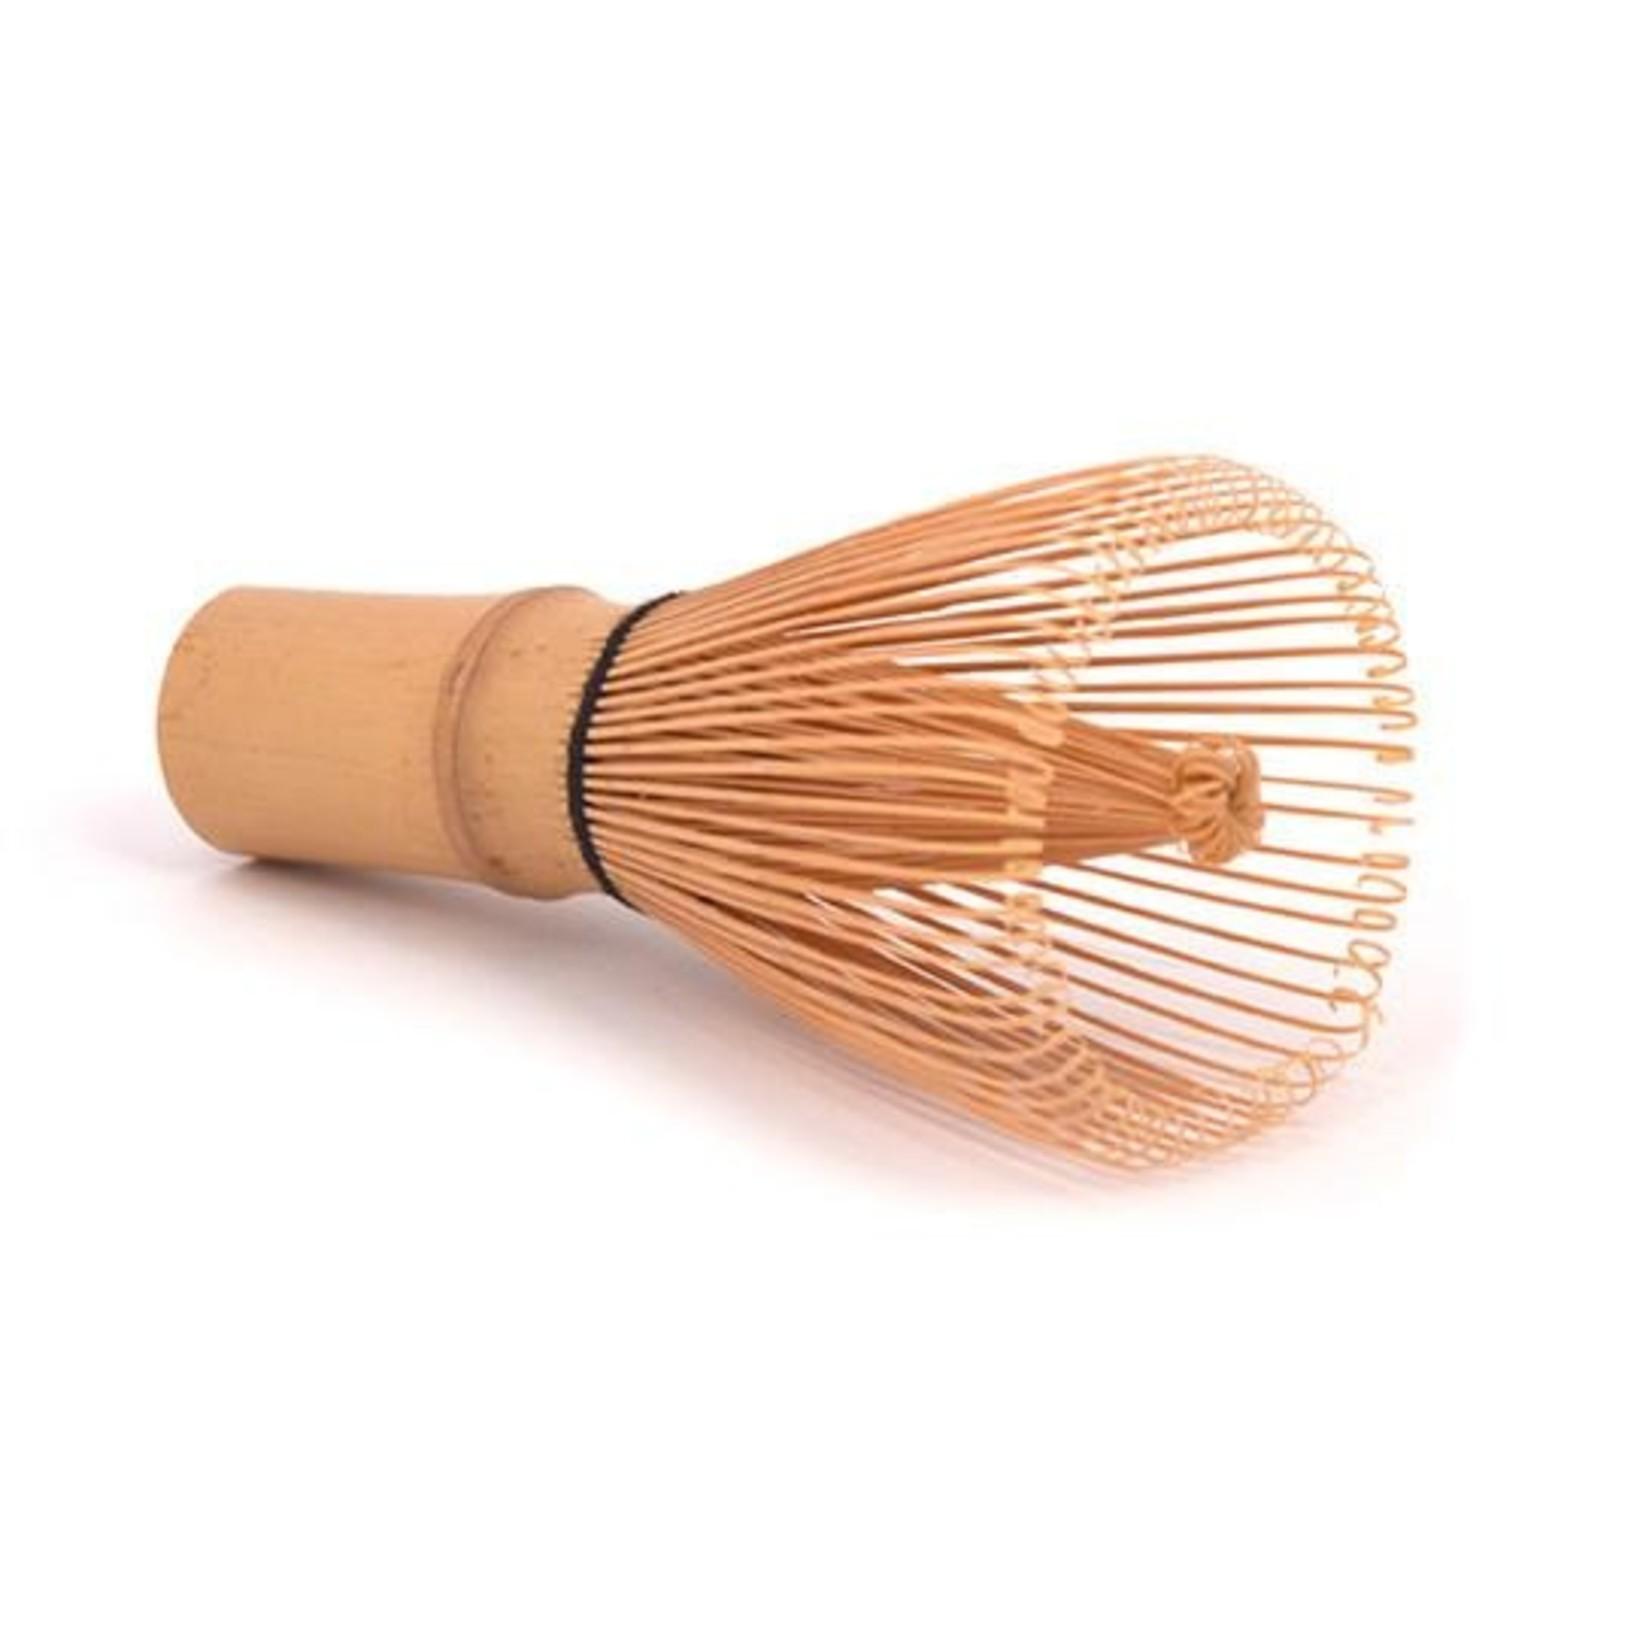 DoMatcha Bamboo Whisk